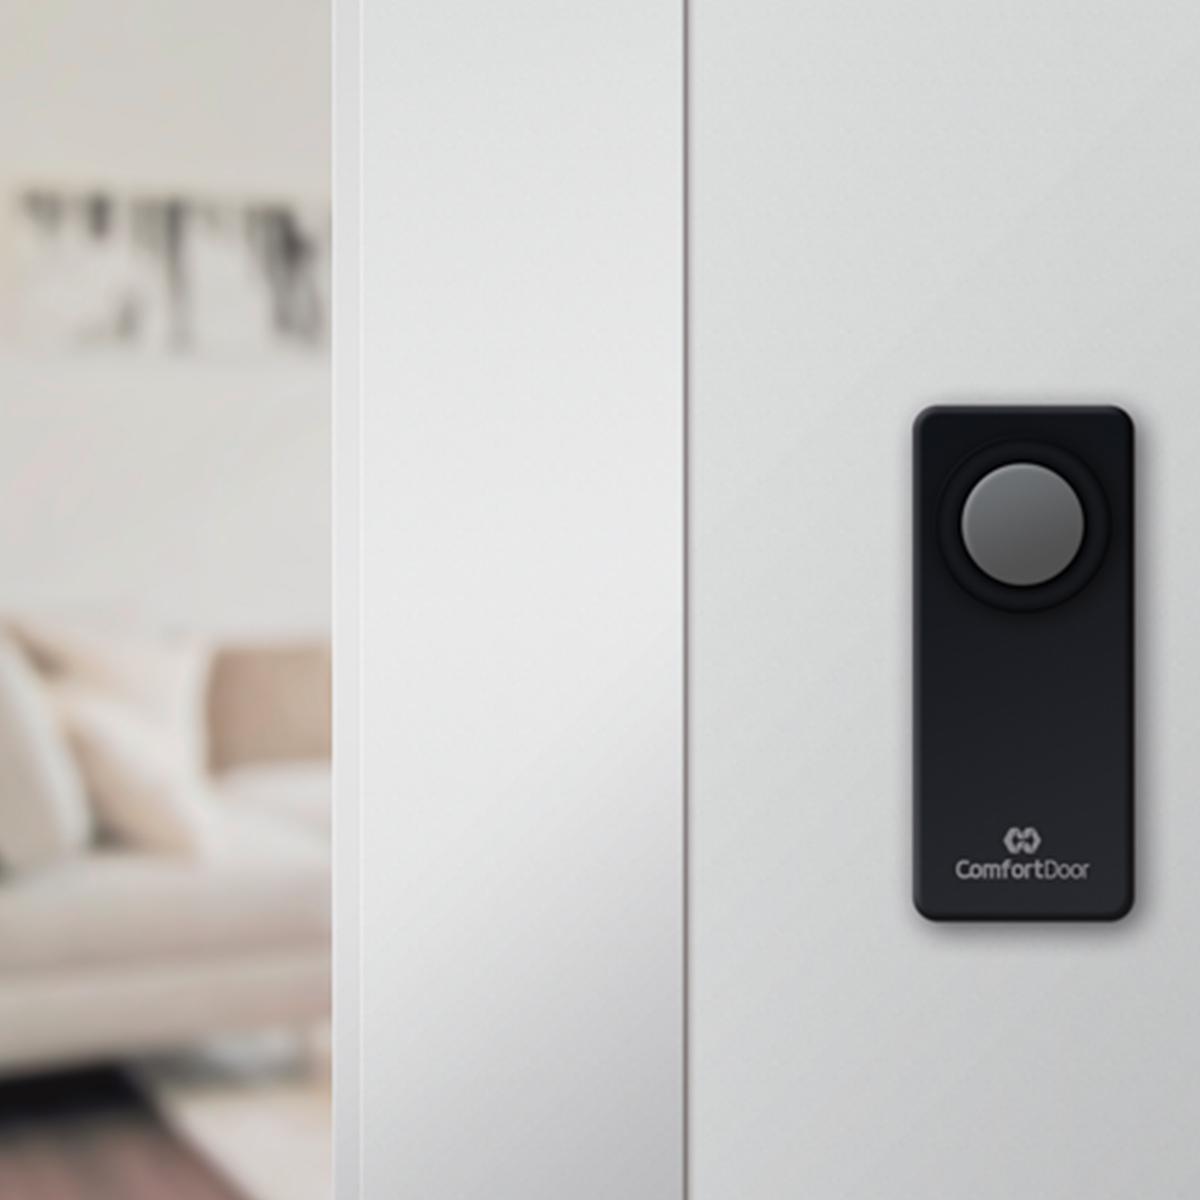 Campainha Sem Fio Wireless a Pilha Comfortdoor